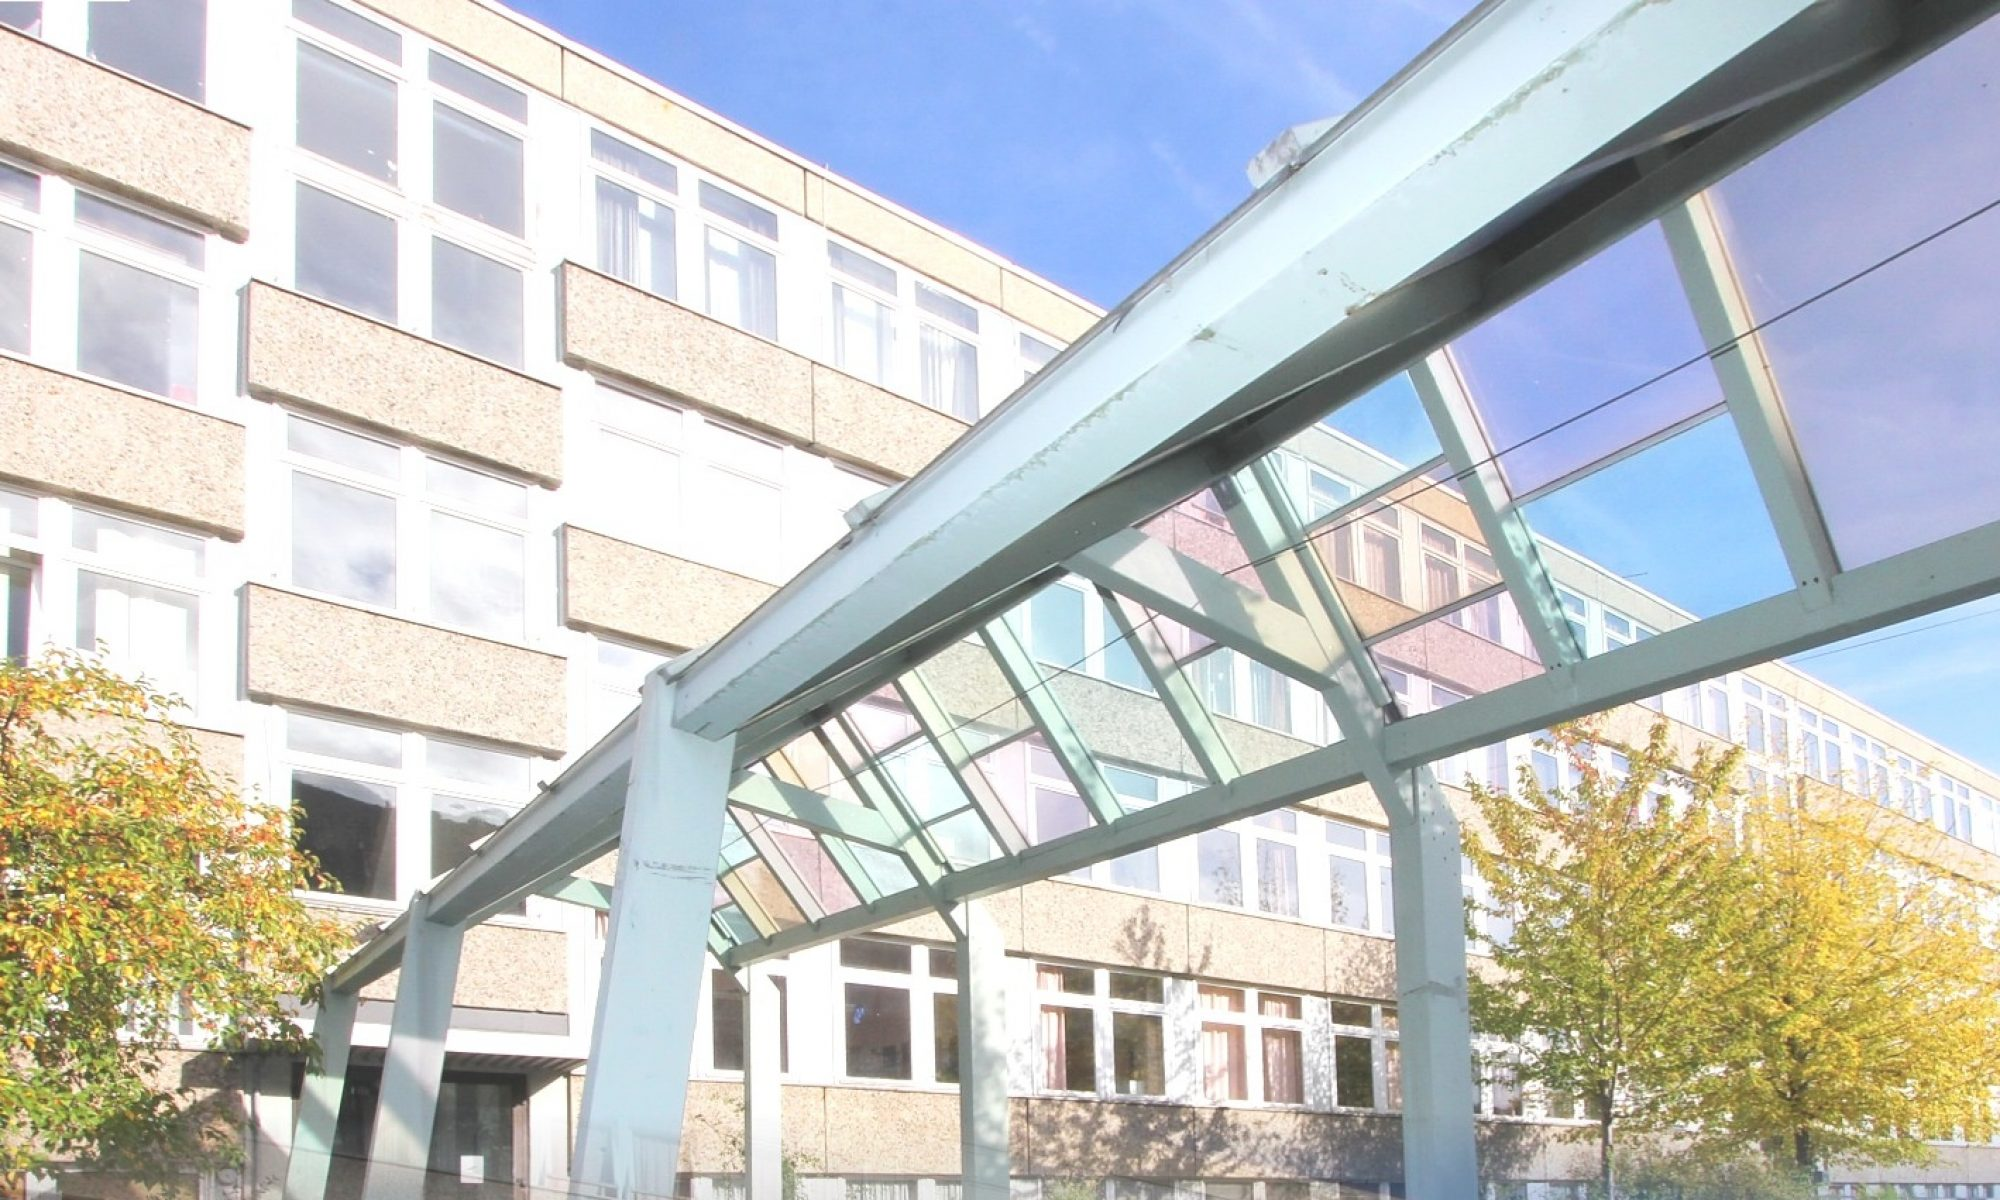 Förderverein Max-Klinger-Schule e.V.